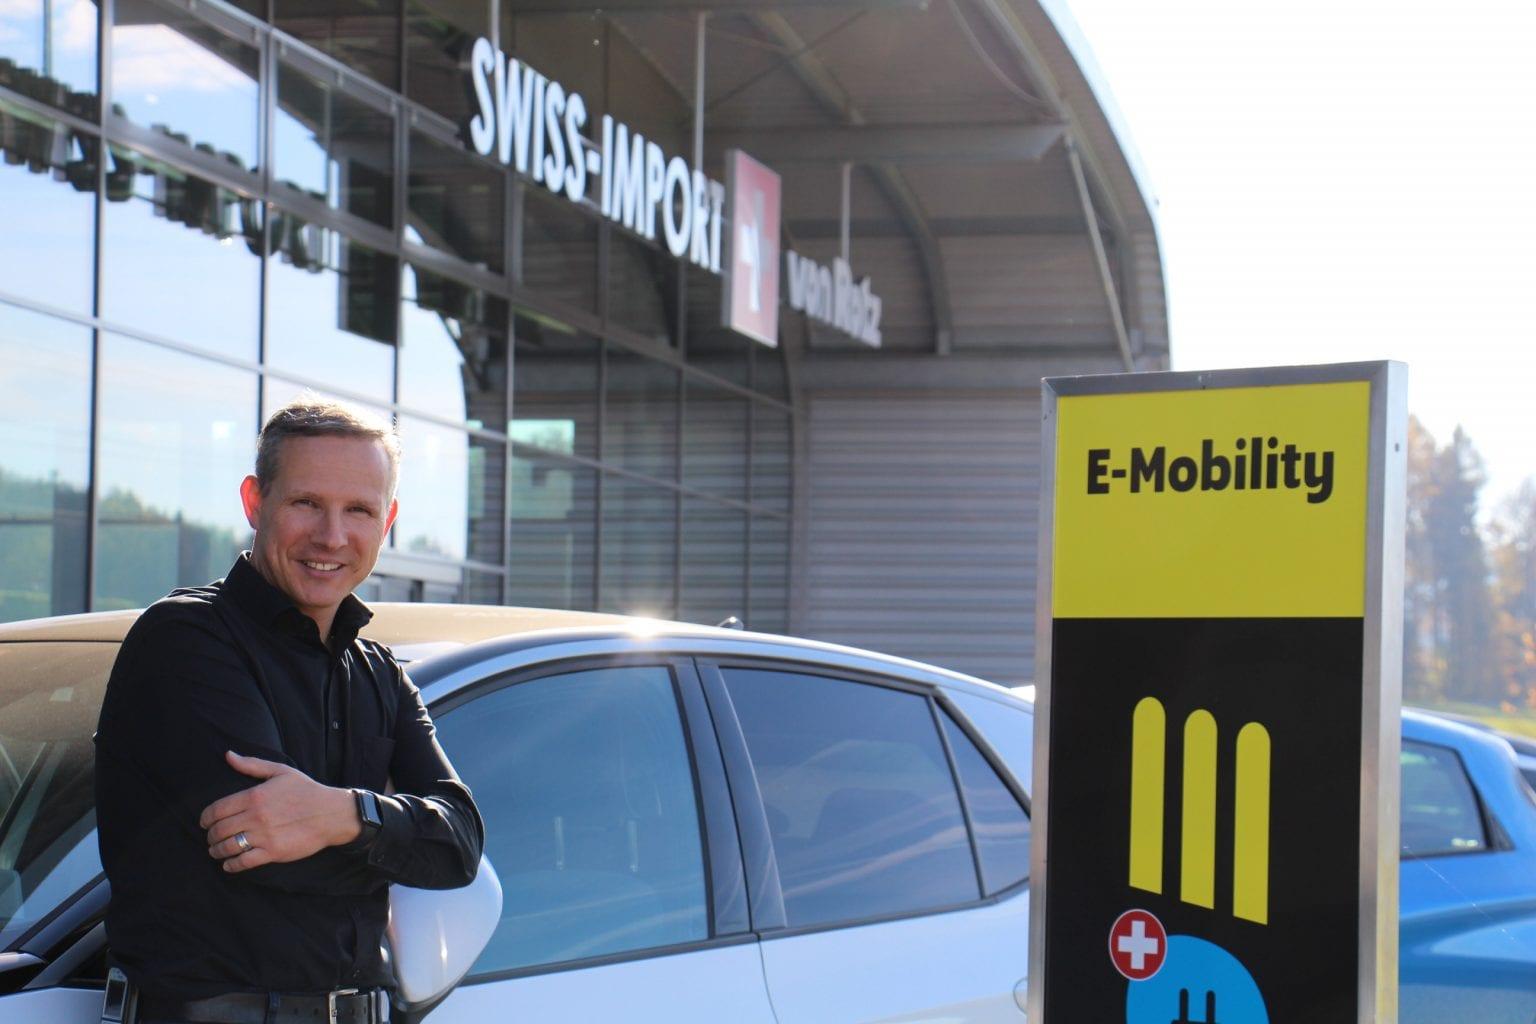 Elektro-Probefahrt-Tage bei der Auto Welt von Rotz AG - am 28. November ist es wieder so weit! - Auto Welt von Rotz AG